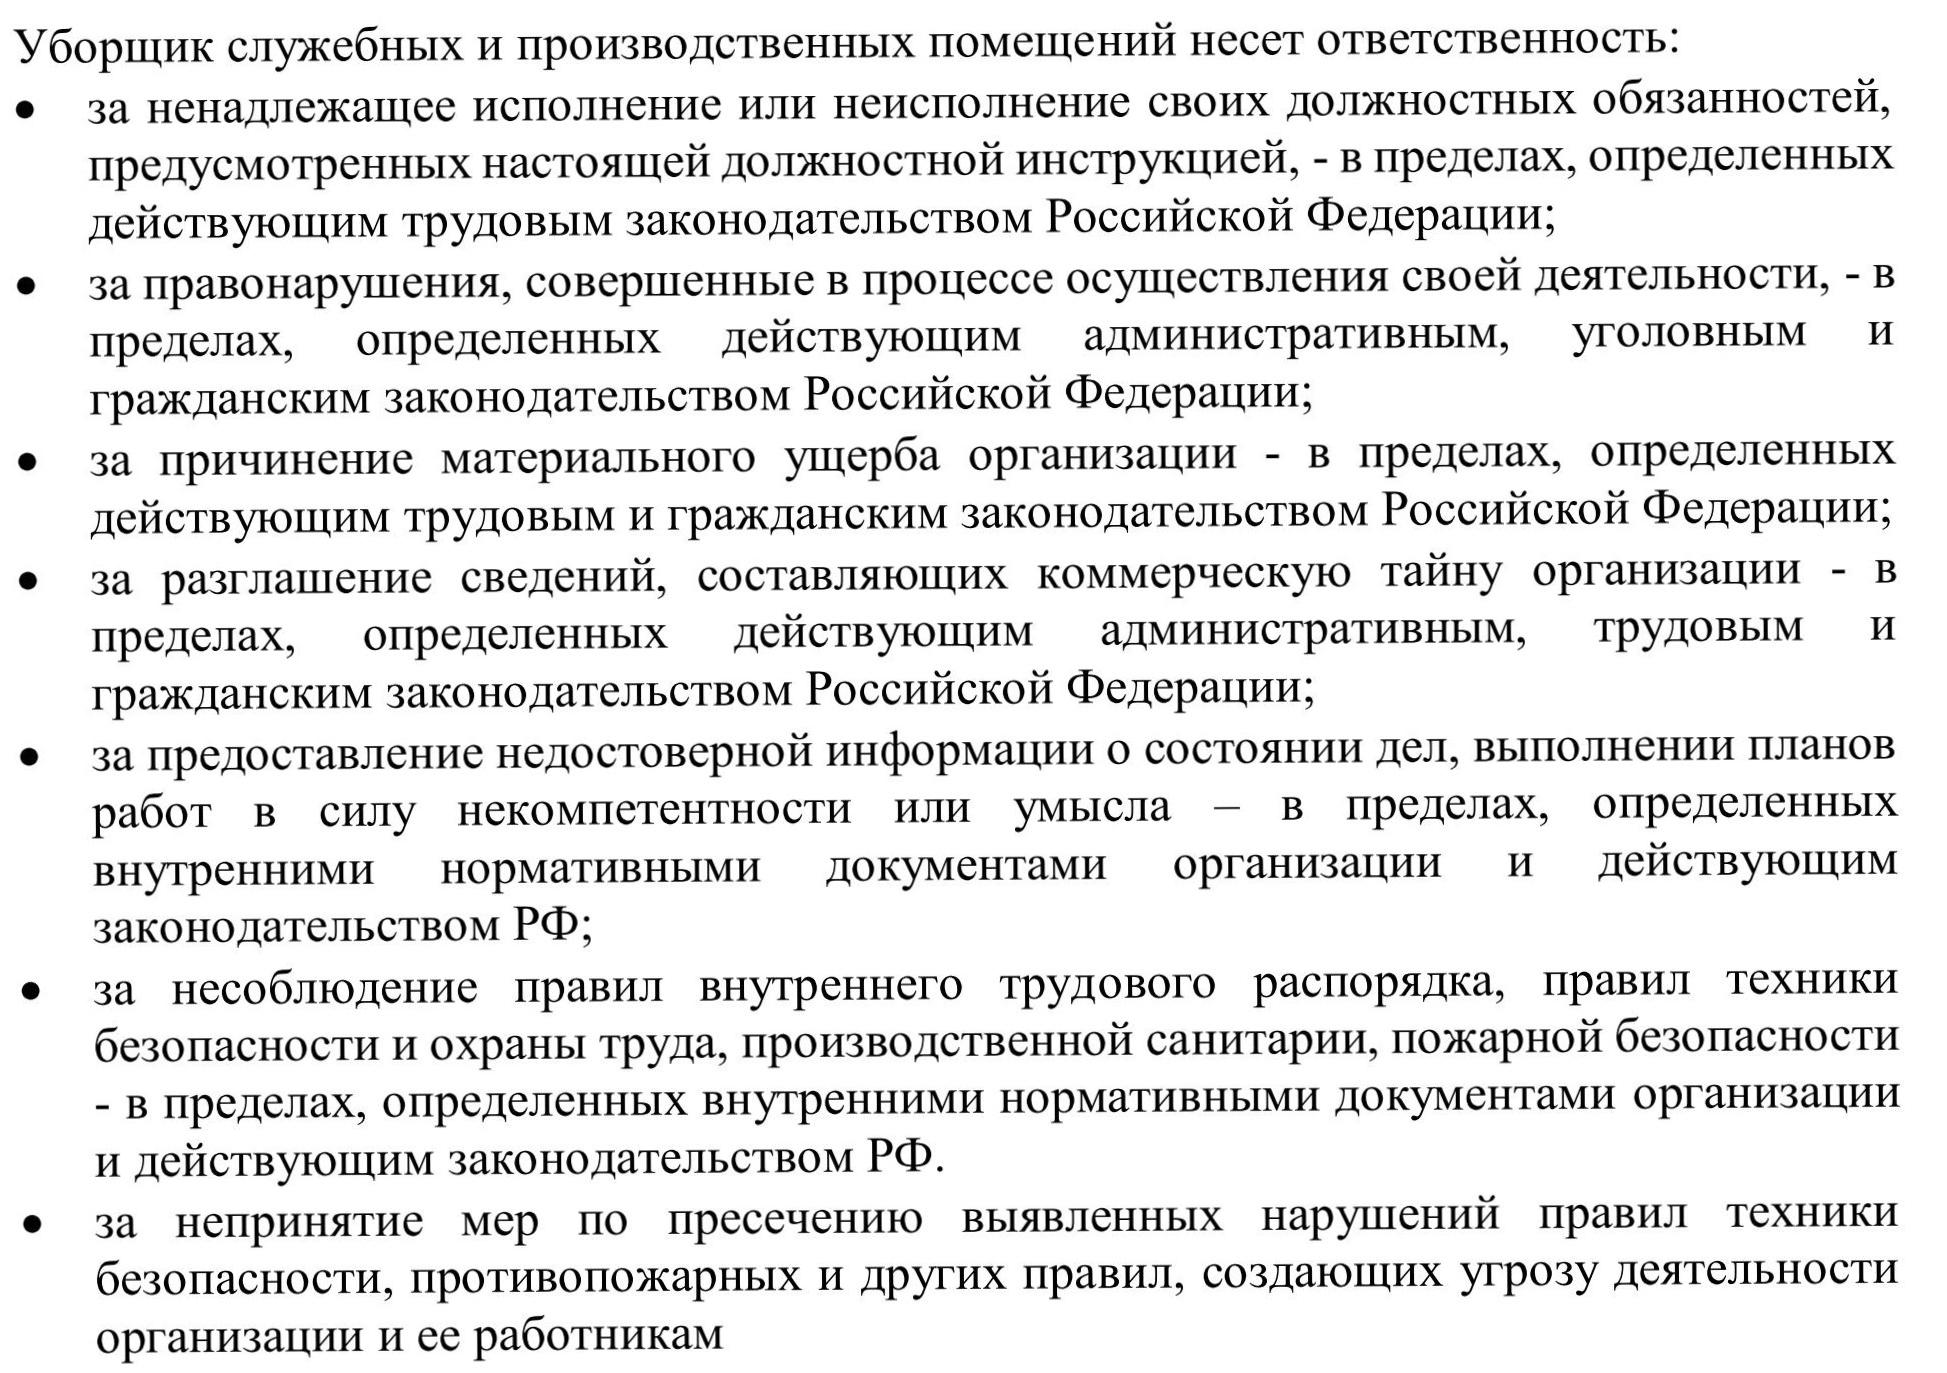 uborshchik-otvetstvennost-13.png